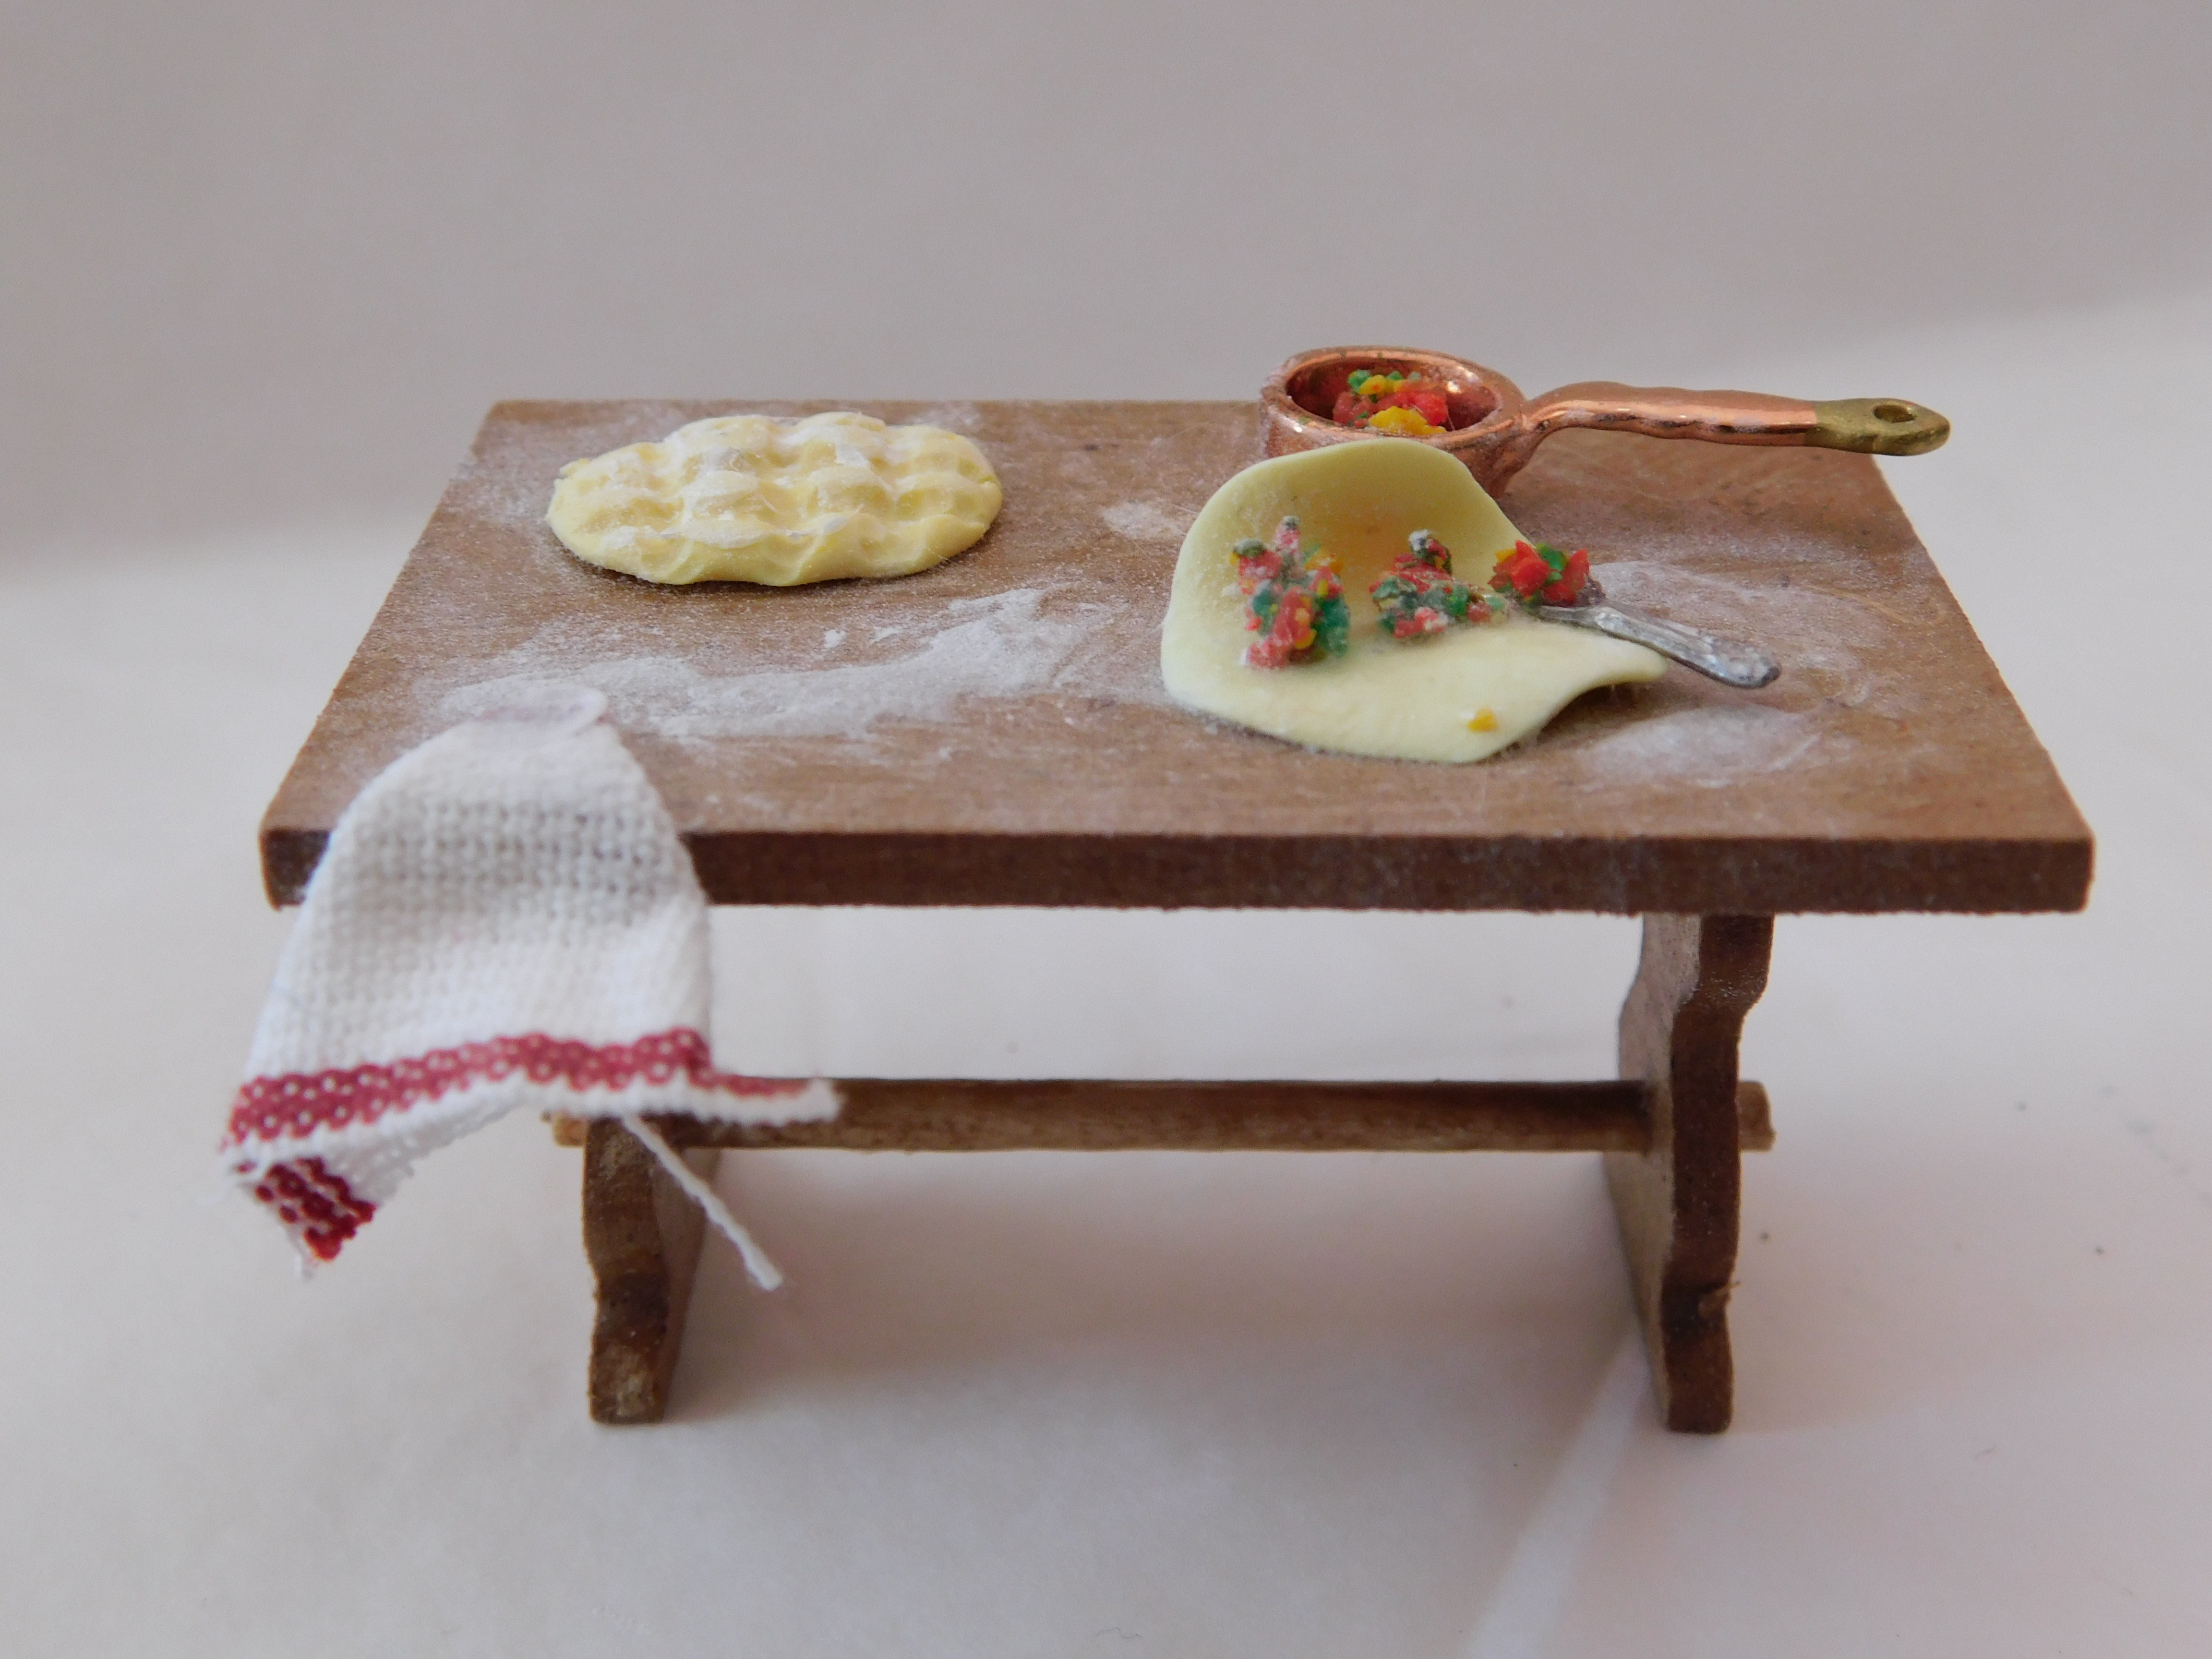 Table De Cuisine Garnie Modele F 3 2cm De Haut Didange Modelisme